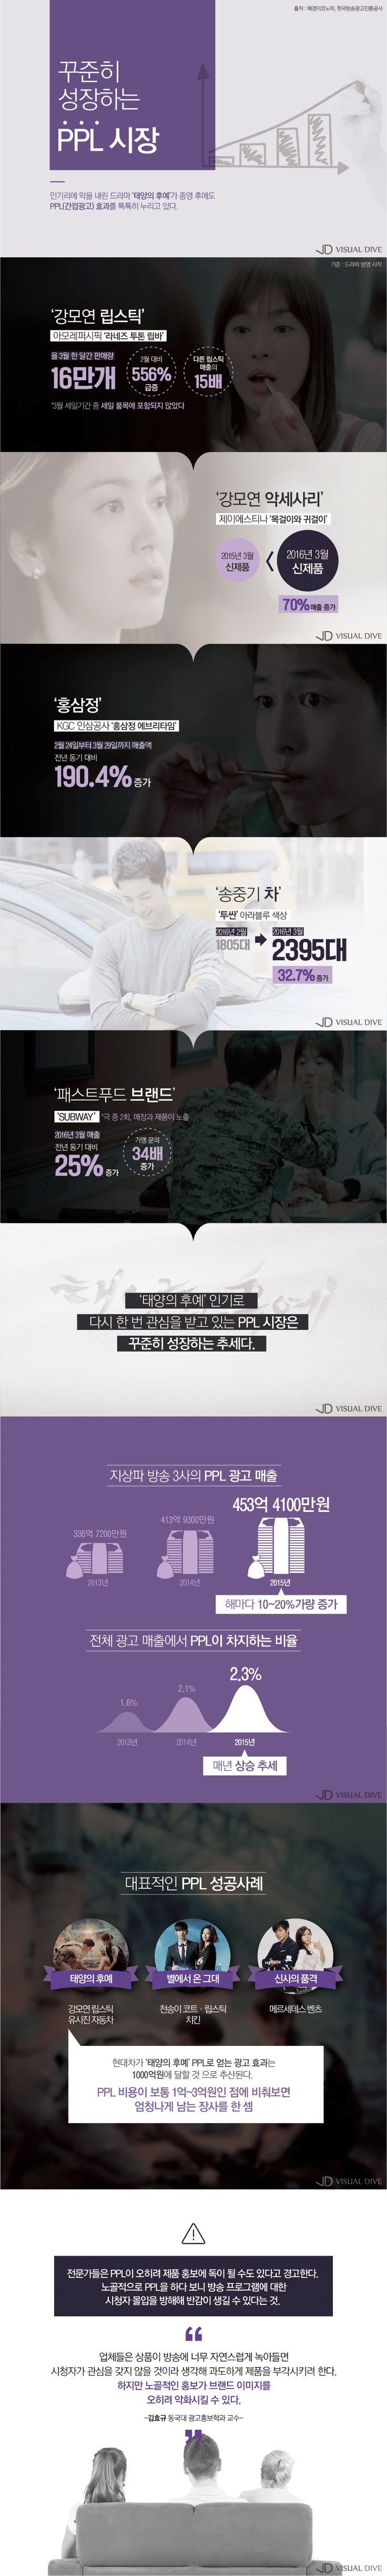 드라마 속 넘치는 PPL…득일까 실일까? [인포그래픽] #PPL/ #Infographic ⓒ 비주얼다이브 무단 복사·전재·재배포 금지